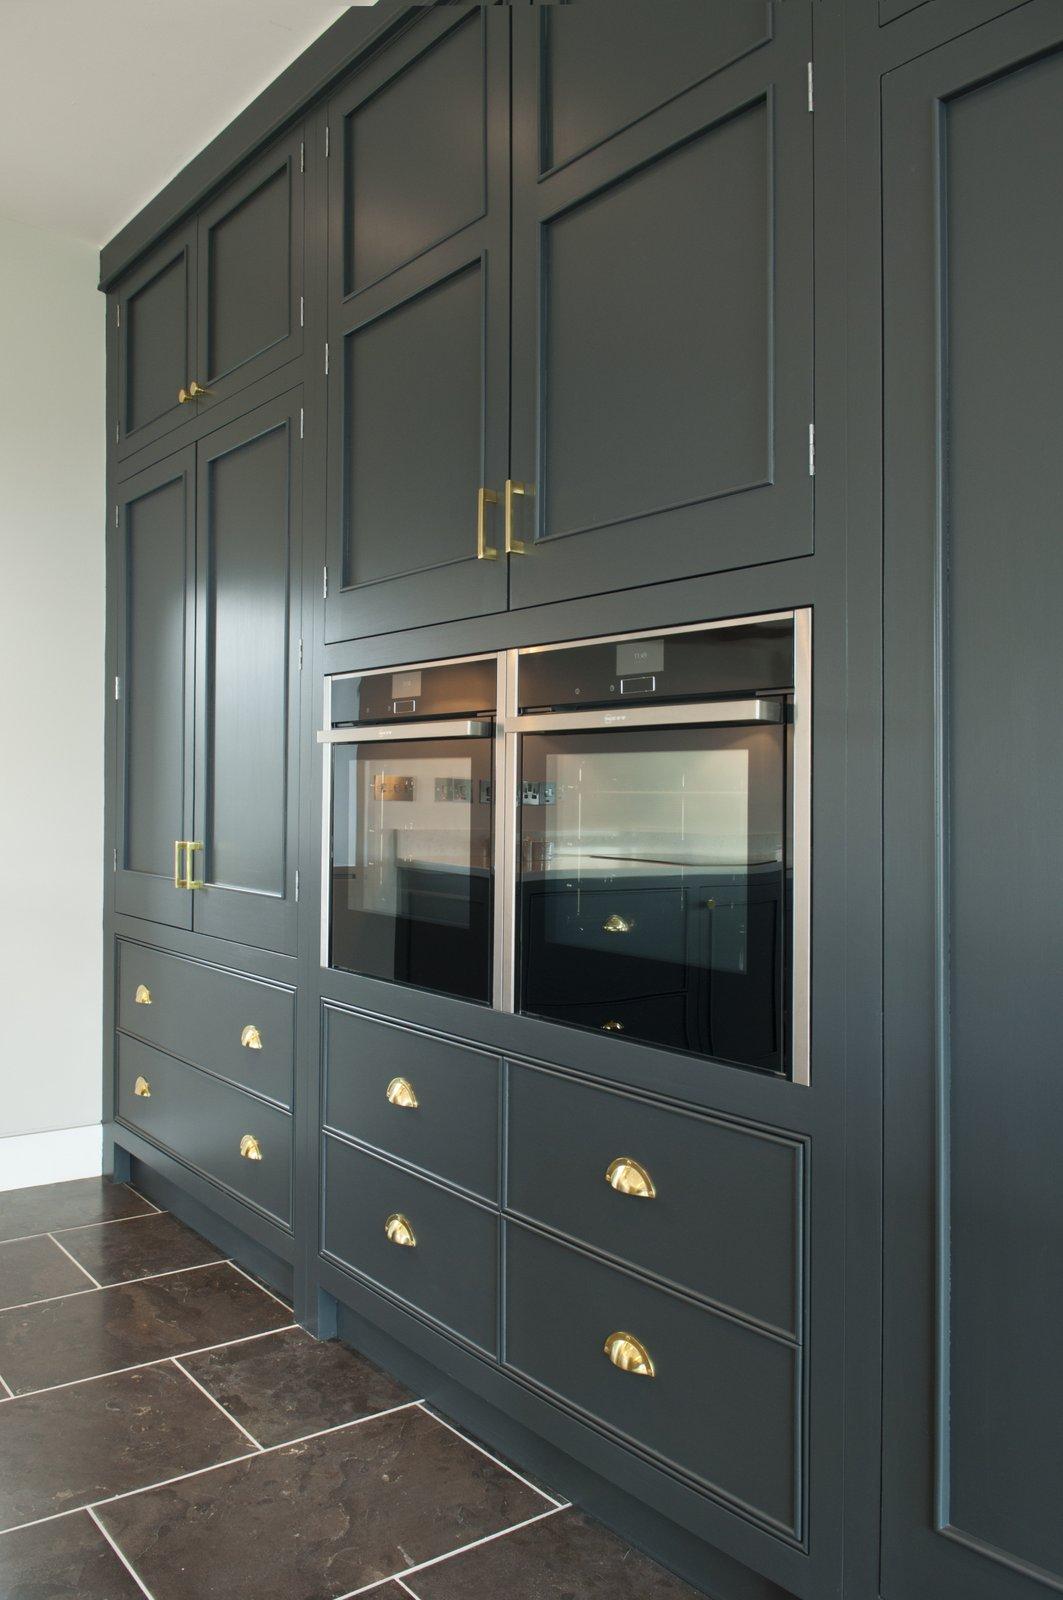 handcrafted handmade kitchens cabinet storage